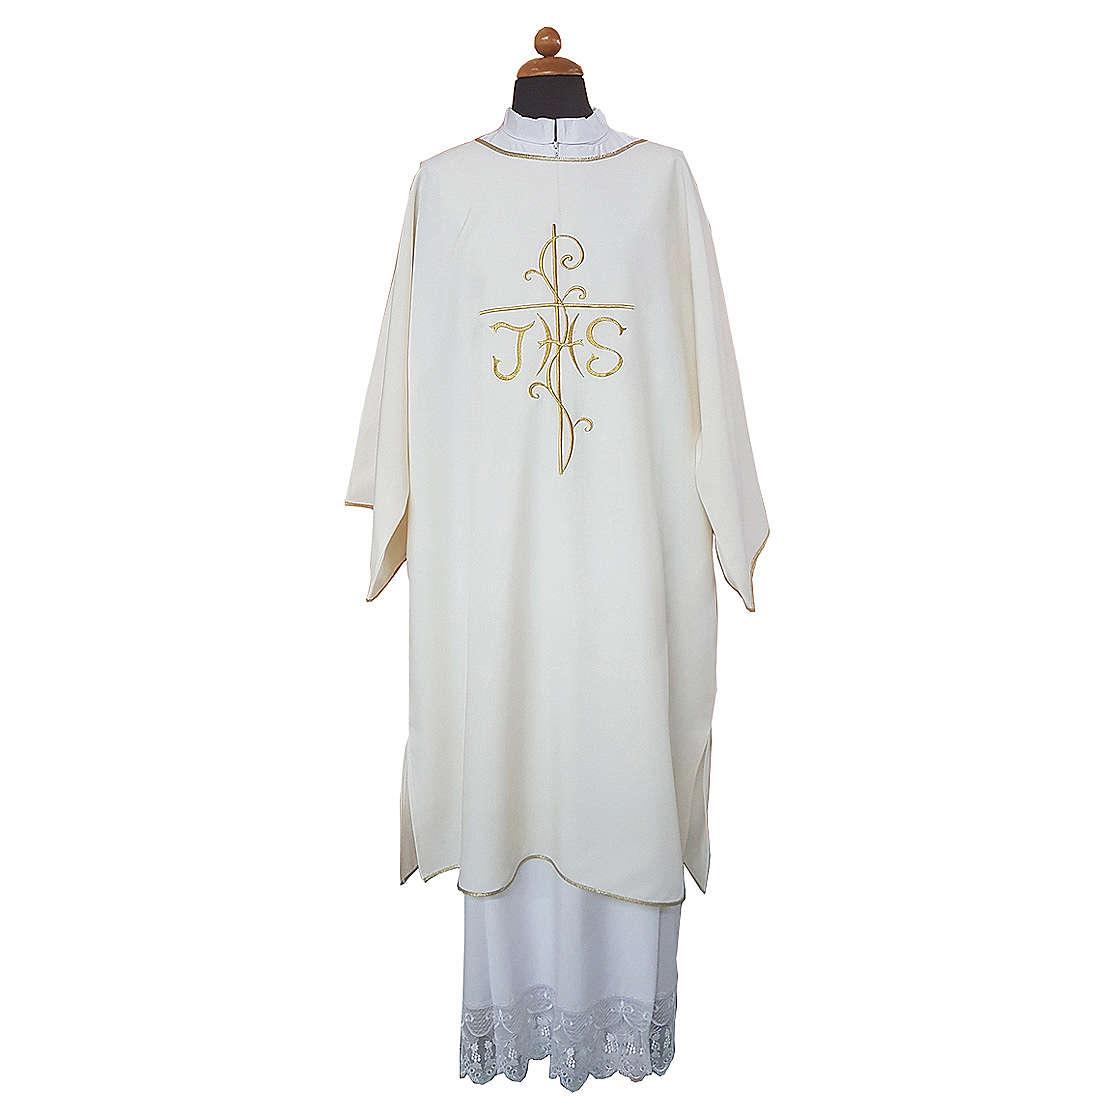 Dalmatica ricamo croce JHS davanti e dietro tessuto Vatican 100% poliestere 4